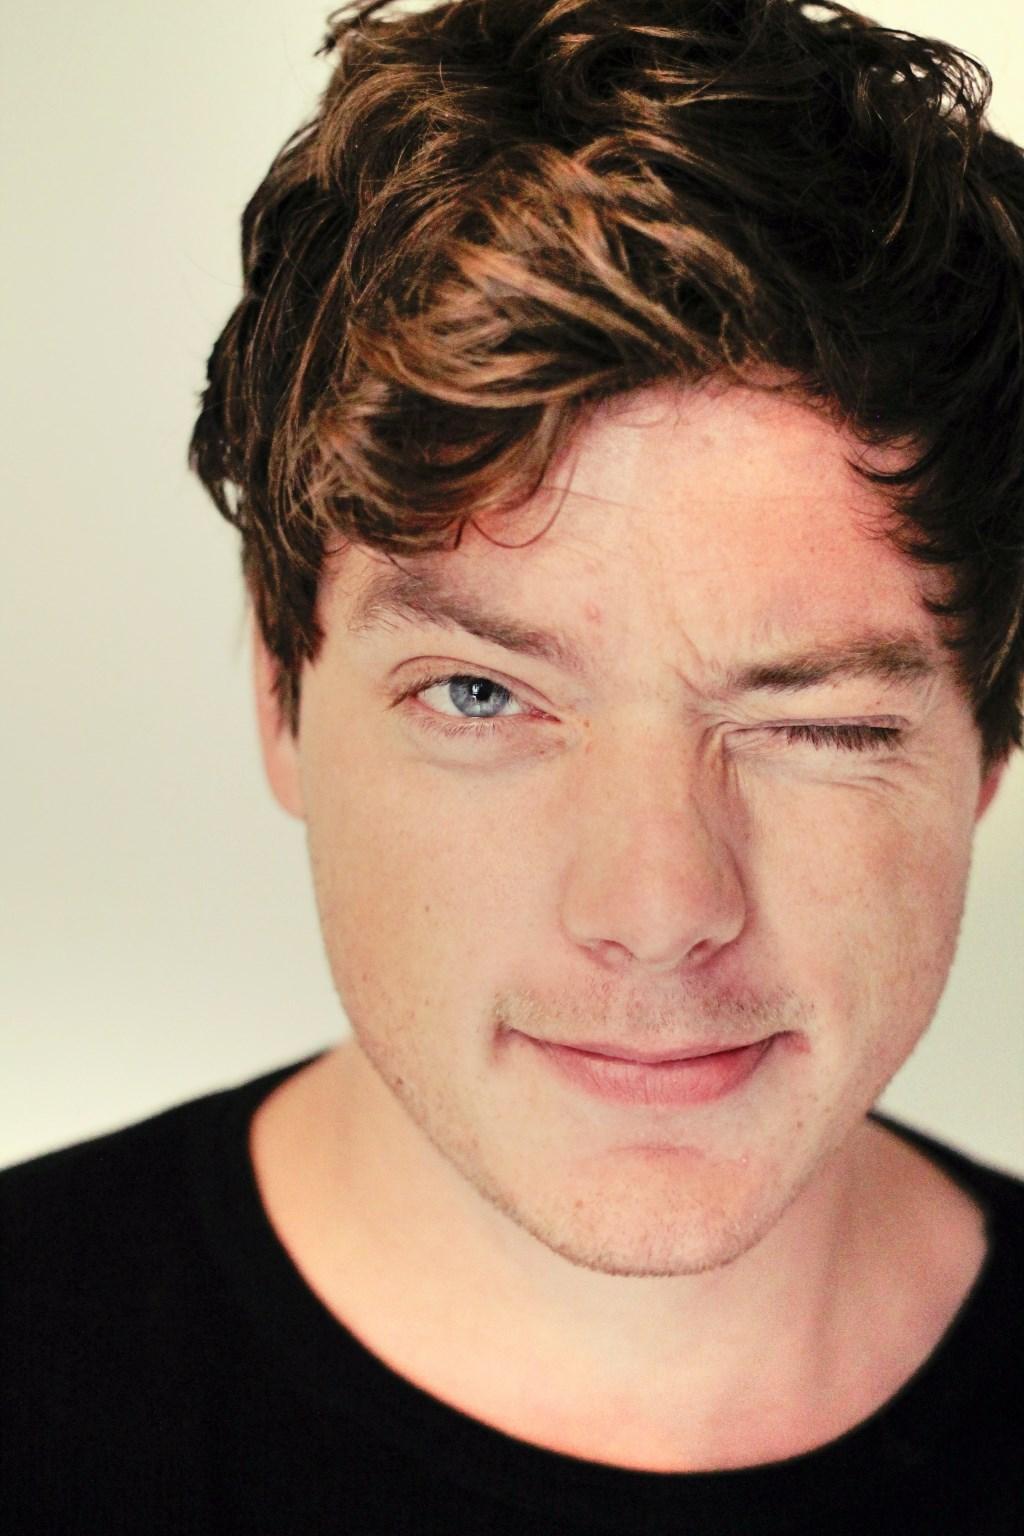 Benjamin van der Velden speelt op 12 januari in Theater de Klif.